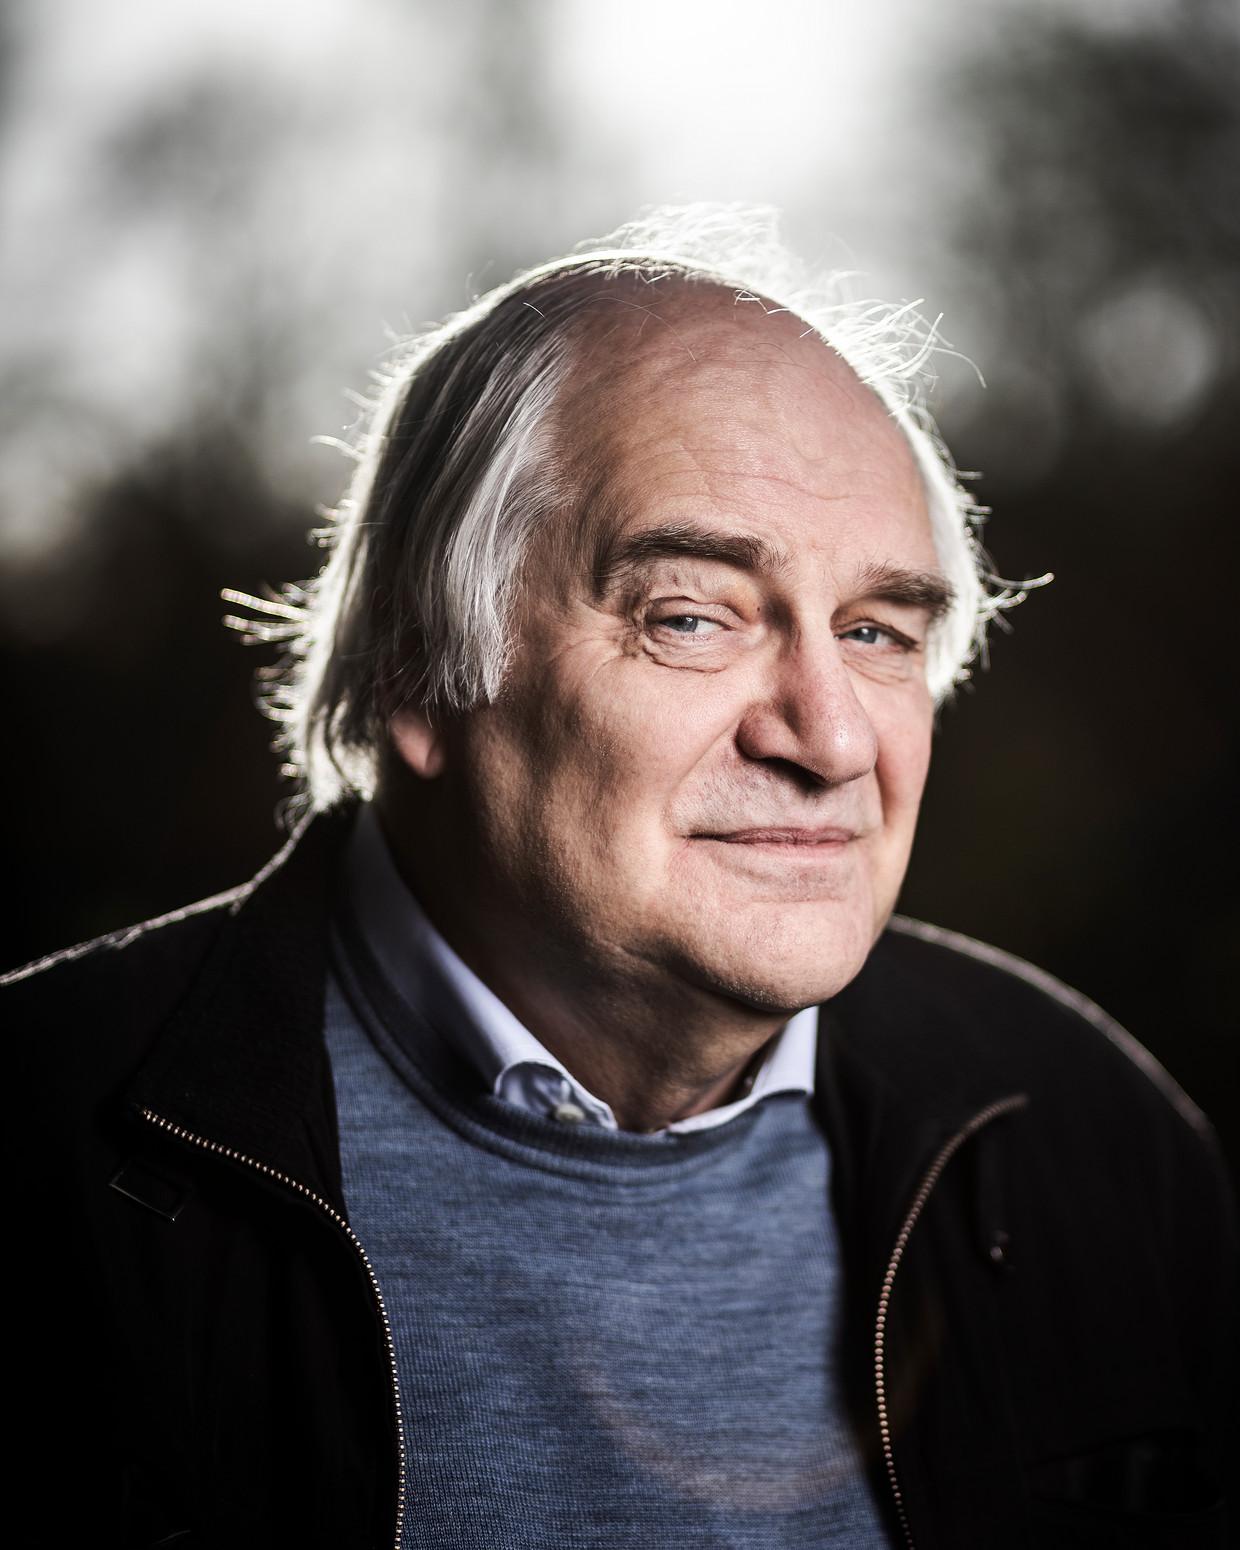 'Ik ben een vurig tegenstander van mensen als Jan Roos en Thierry Baudet. Die begrijpen er echt helemaal niks van.'